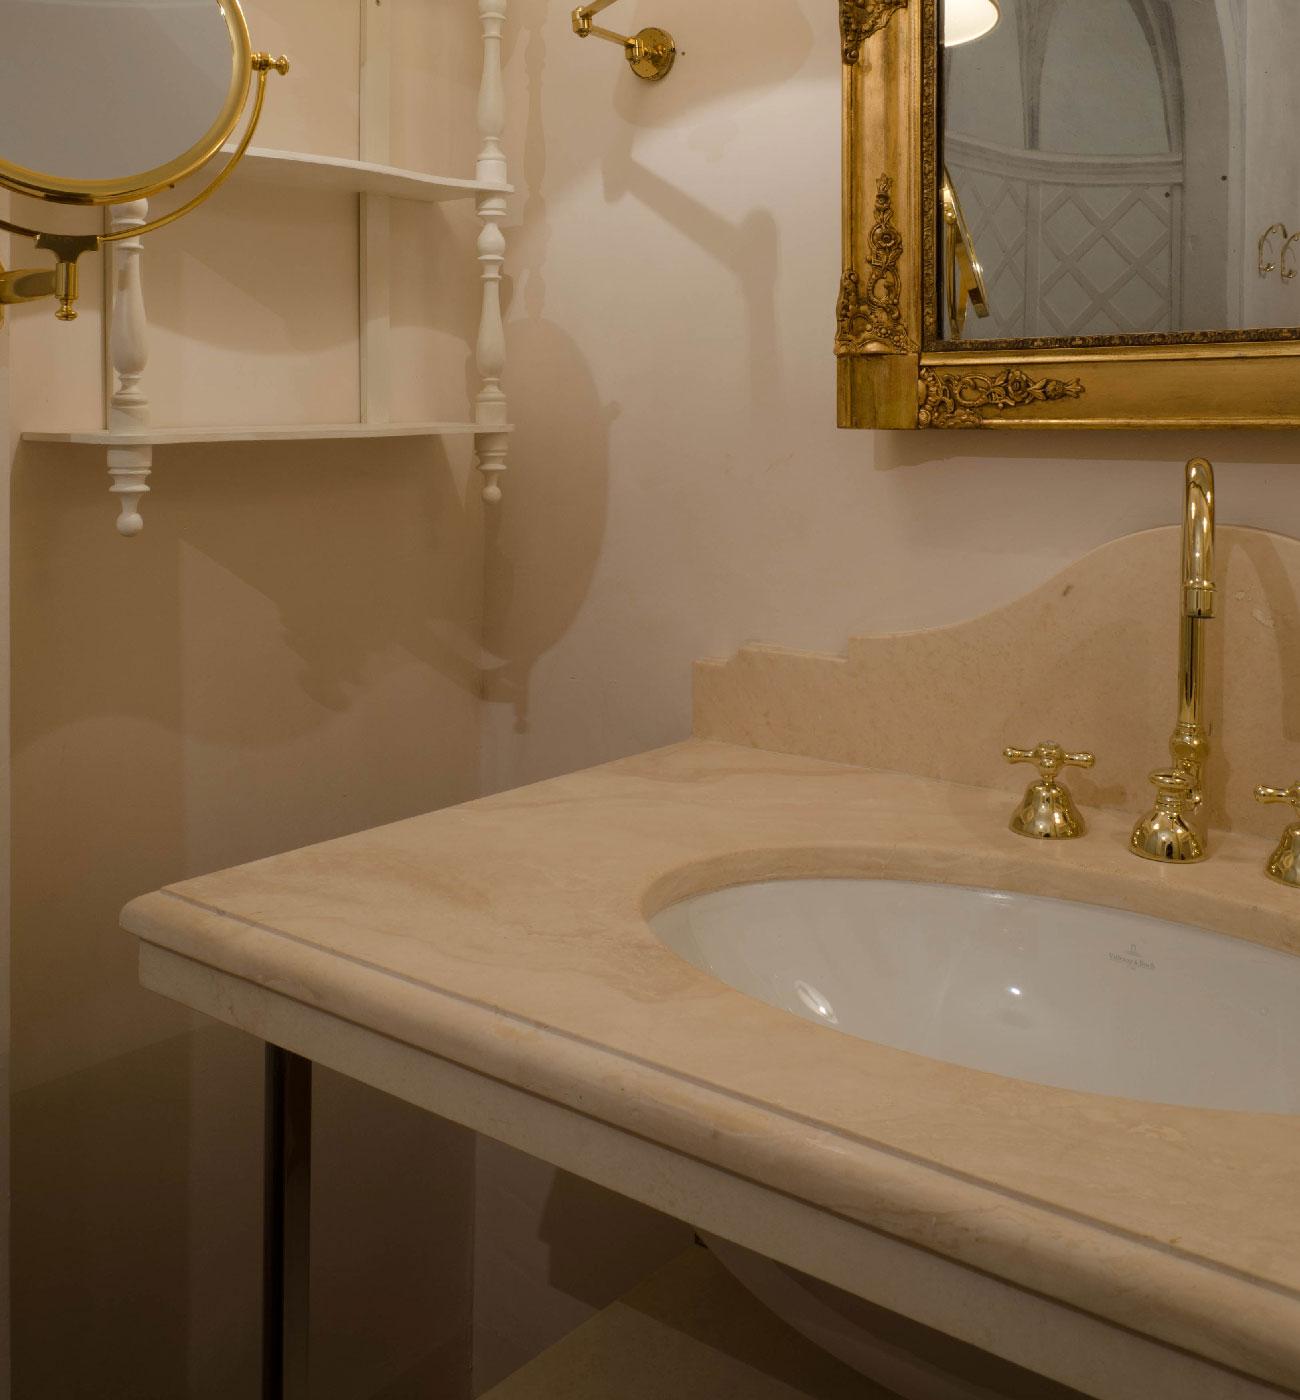 lavabi in pietra, lavandini in marmo, lavabo in travertino